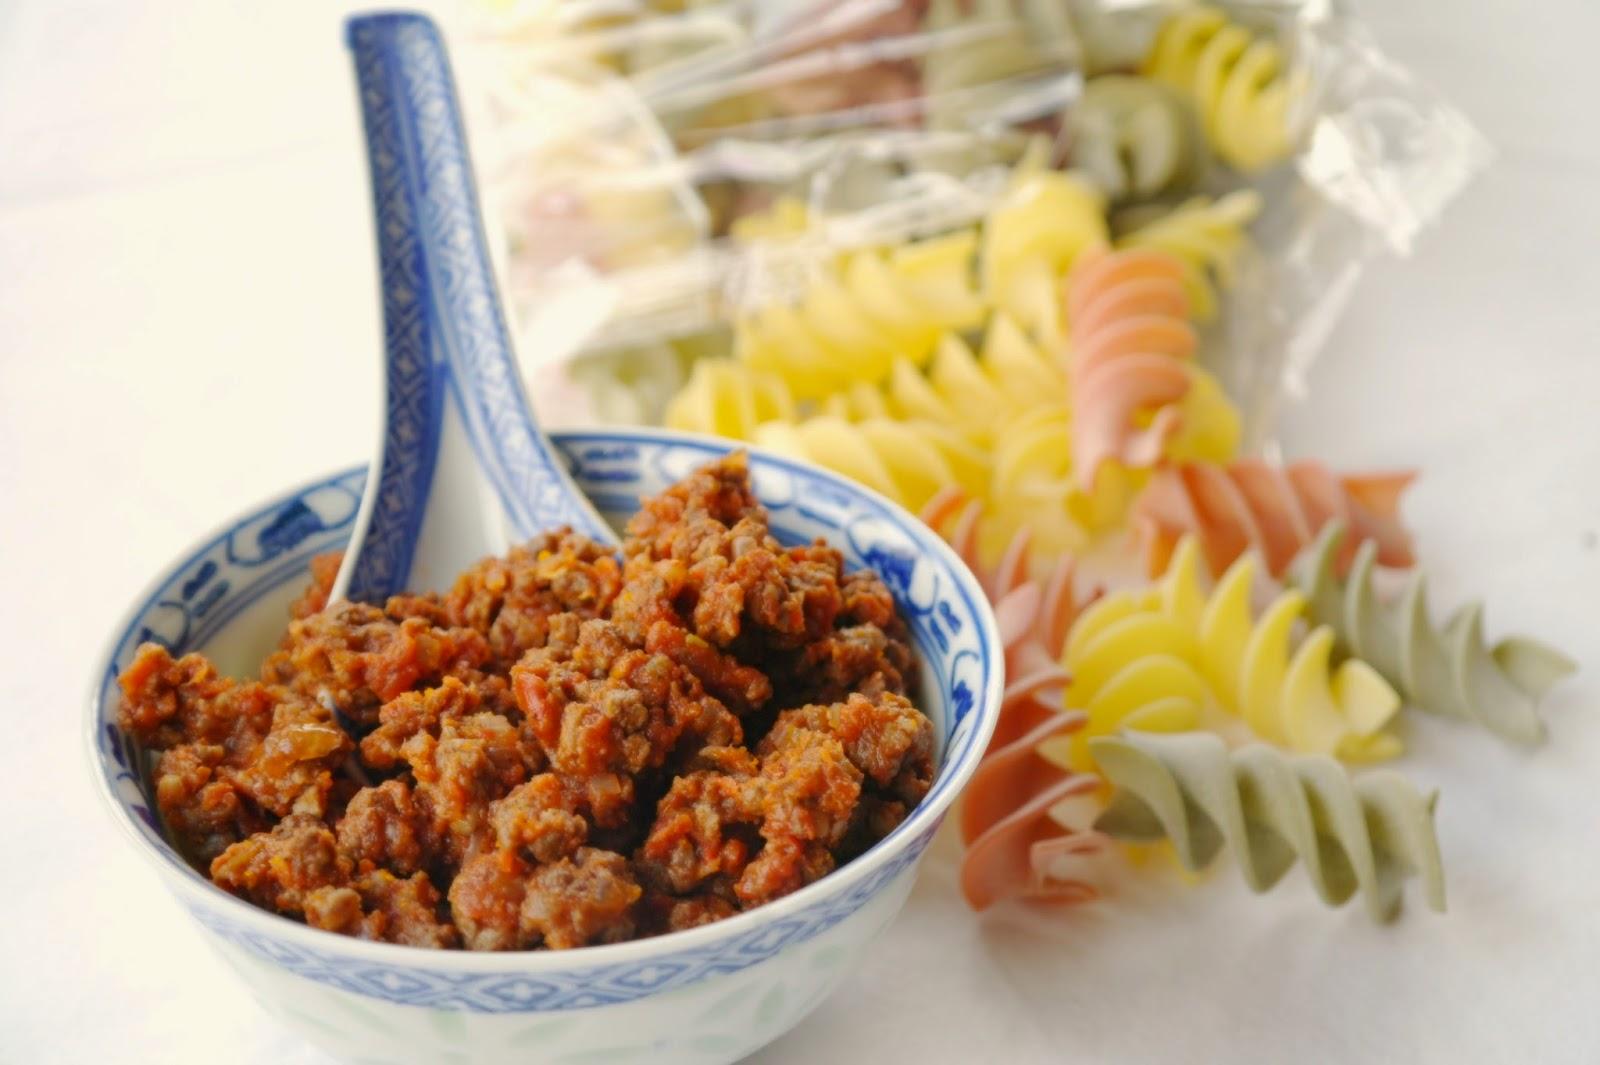 köttfärssås med pepparkakskryddor